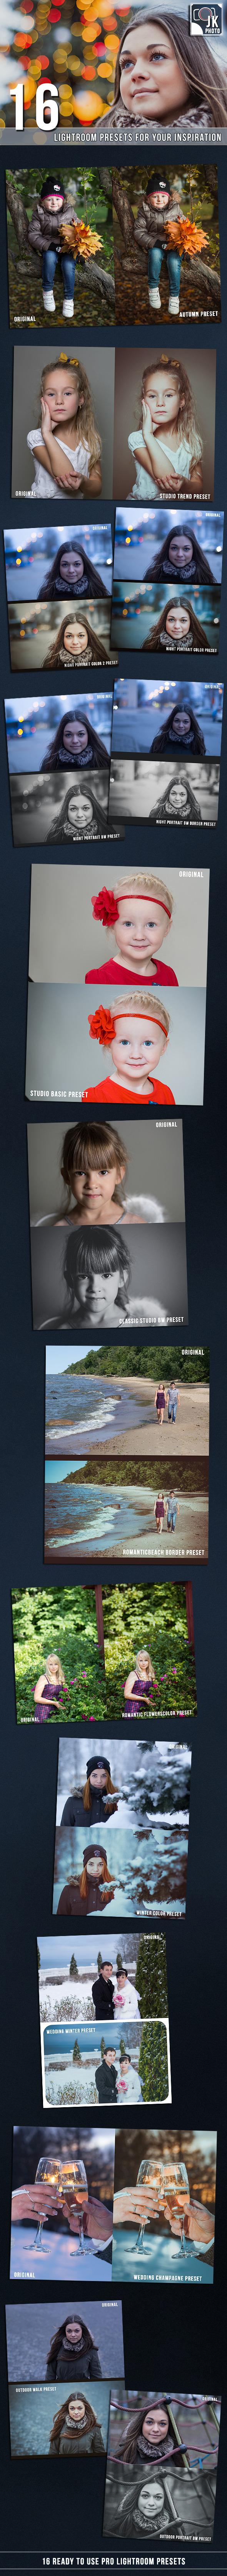 16 Pro Presets - Portrait Lightroom Presets